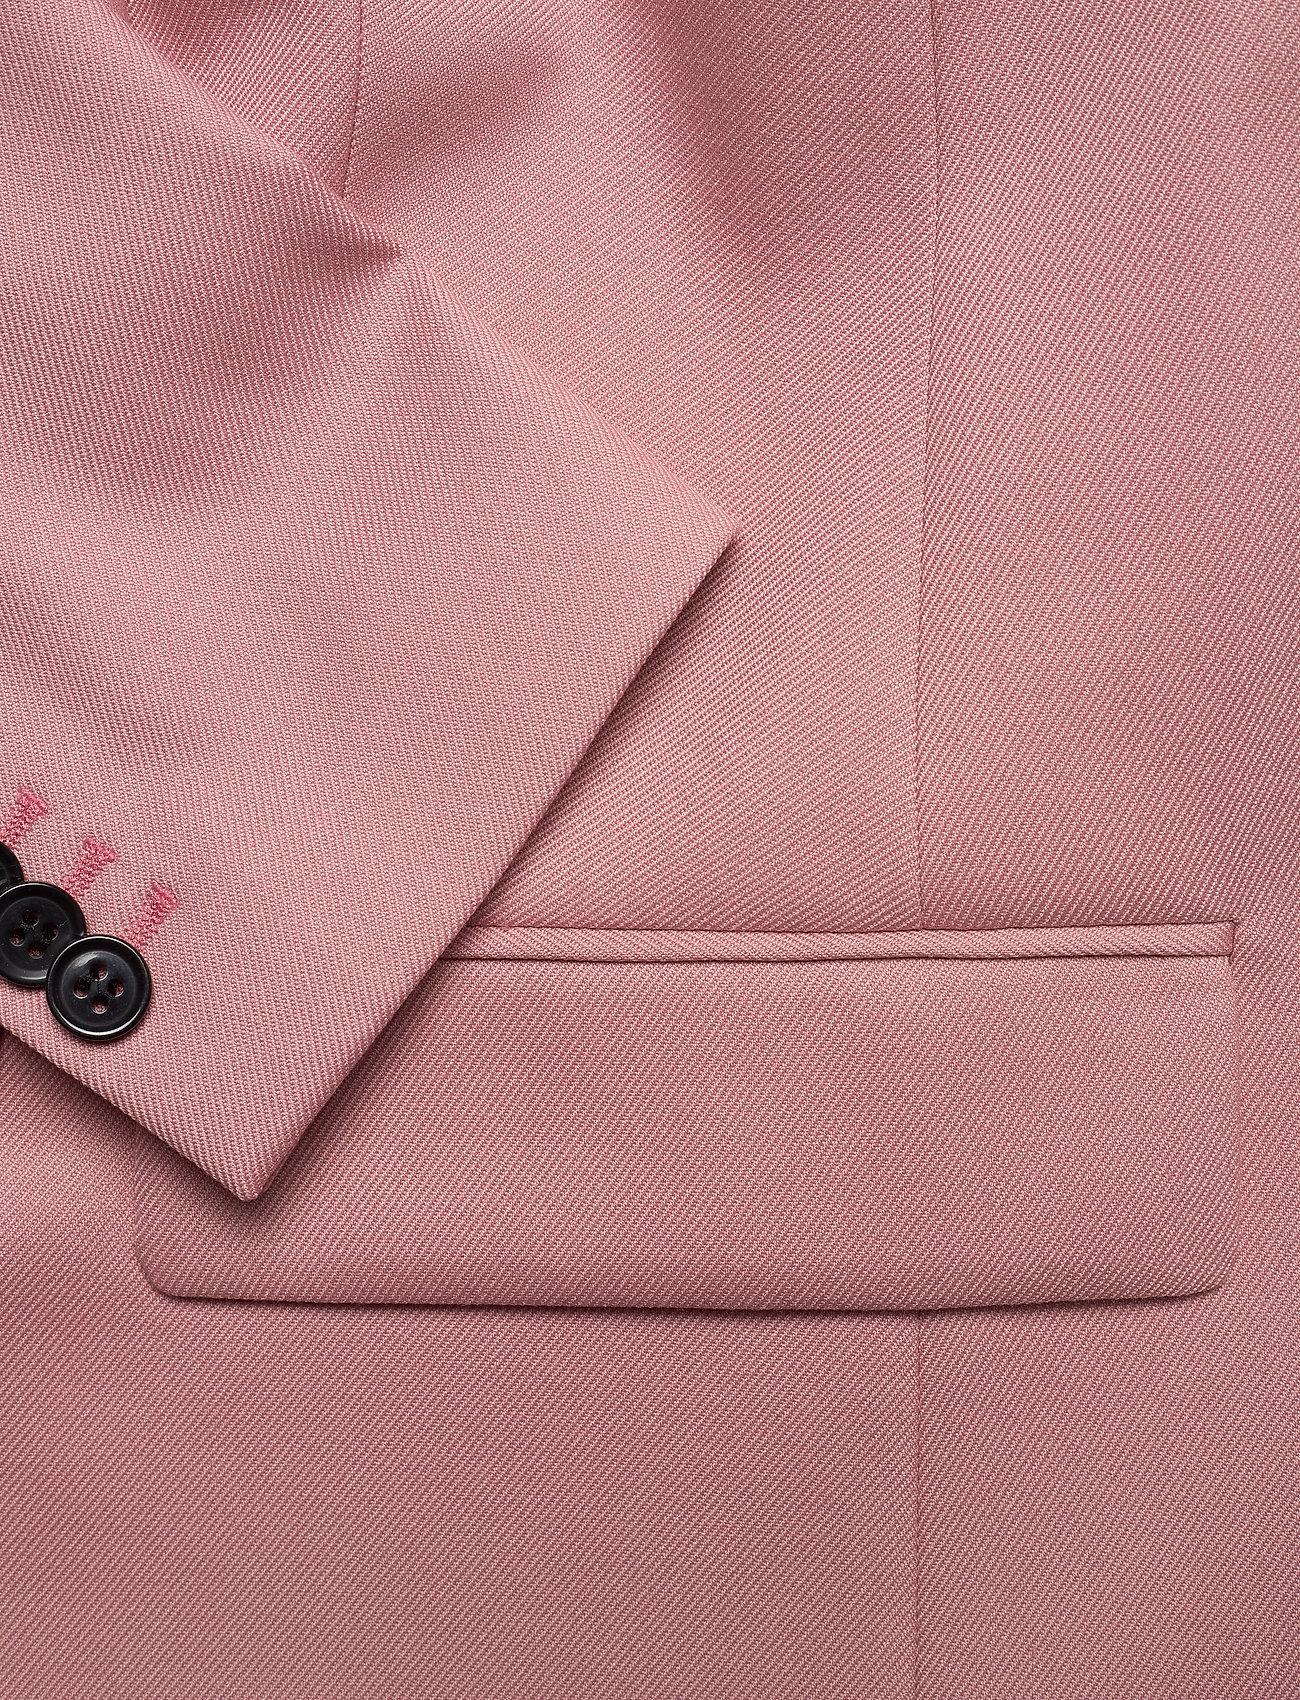 Fine Twill Db Blazer (Muted Pink) (2145 kr) - Calvin Klein